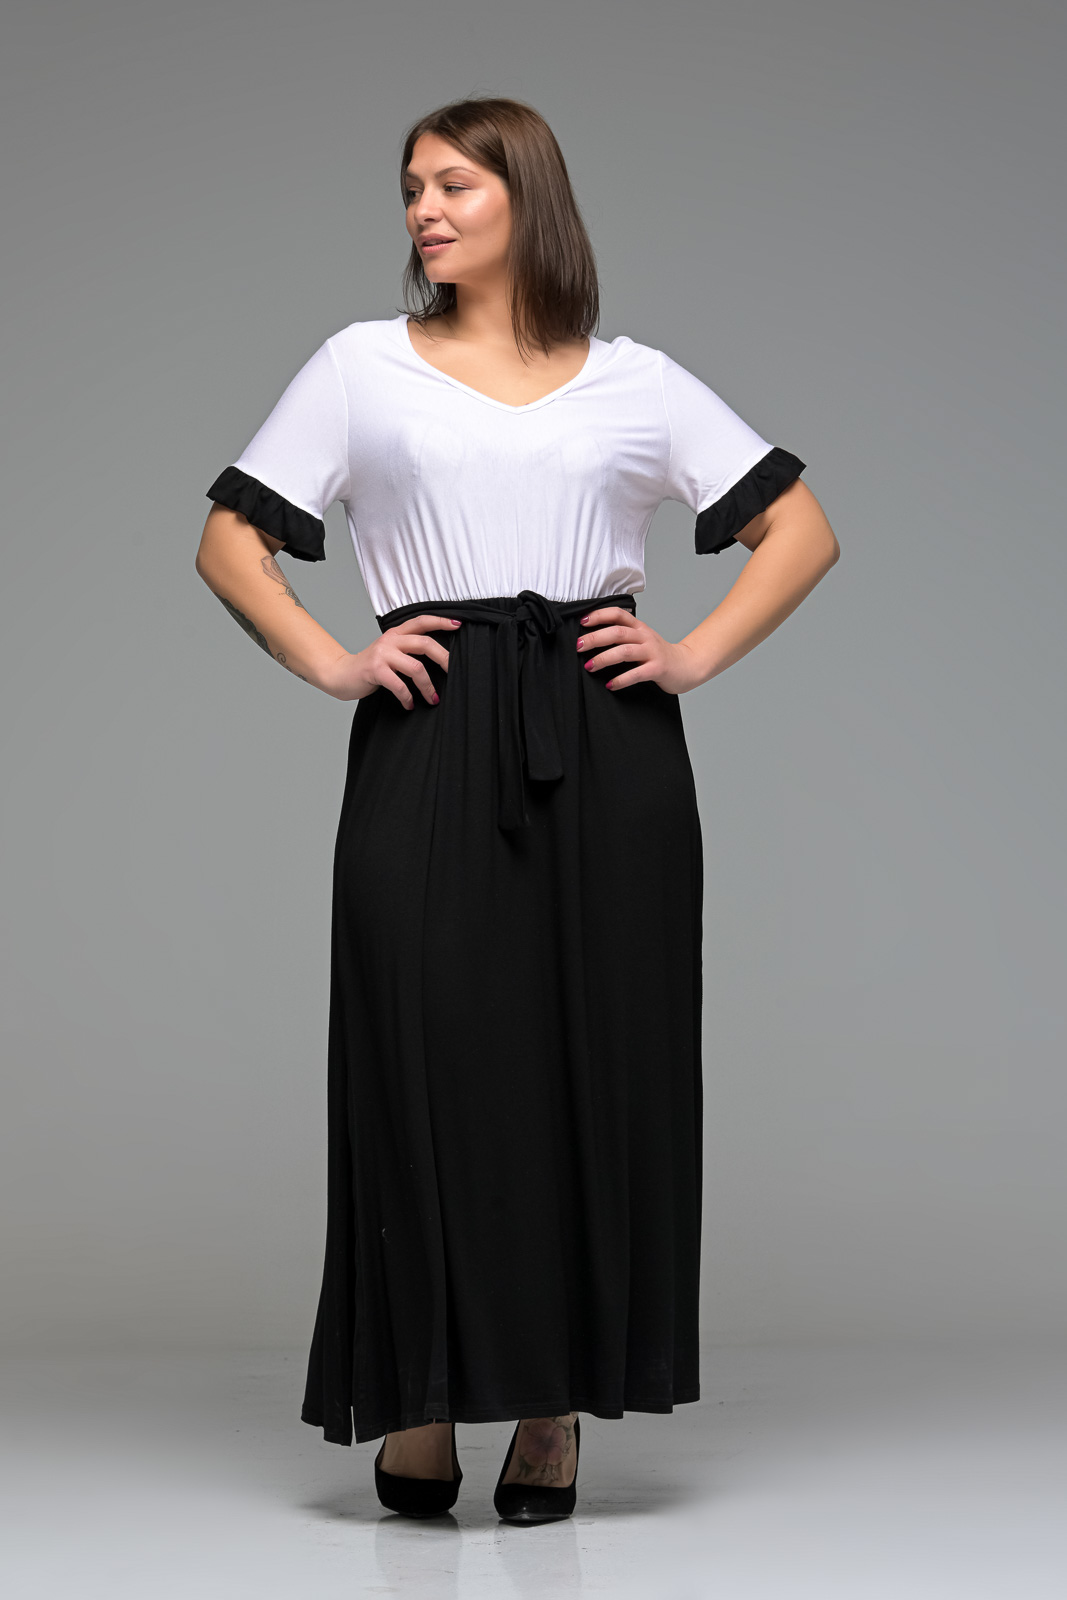 Φόρεμα maxi άσπρο/μαύρο με ζωνάκι και φραμπαλά μανίκια